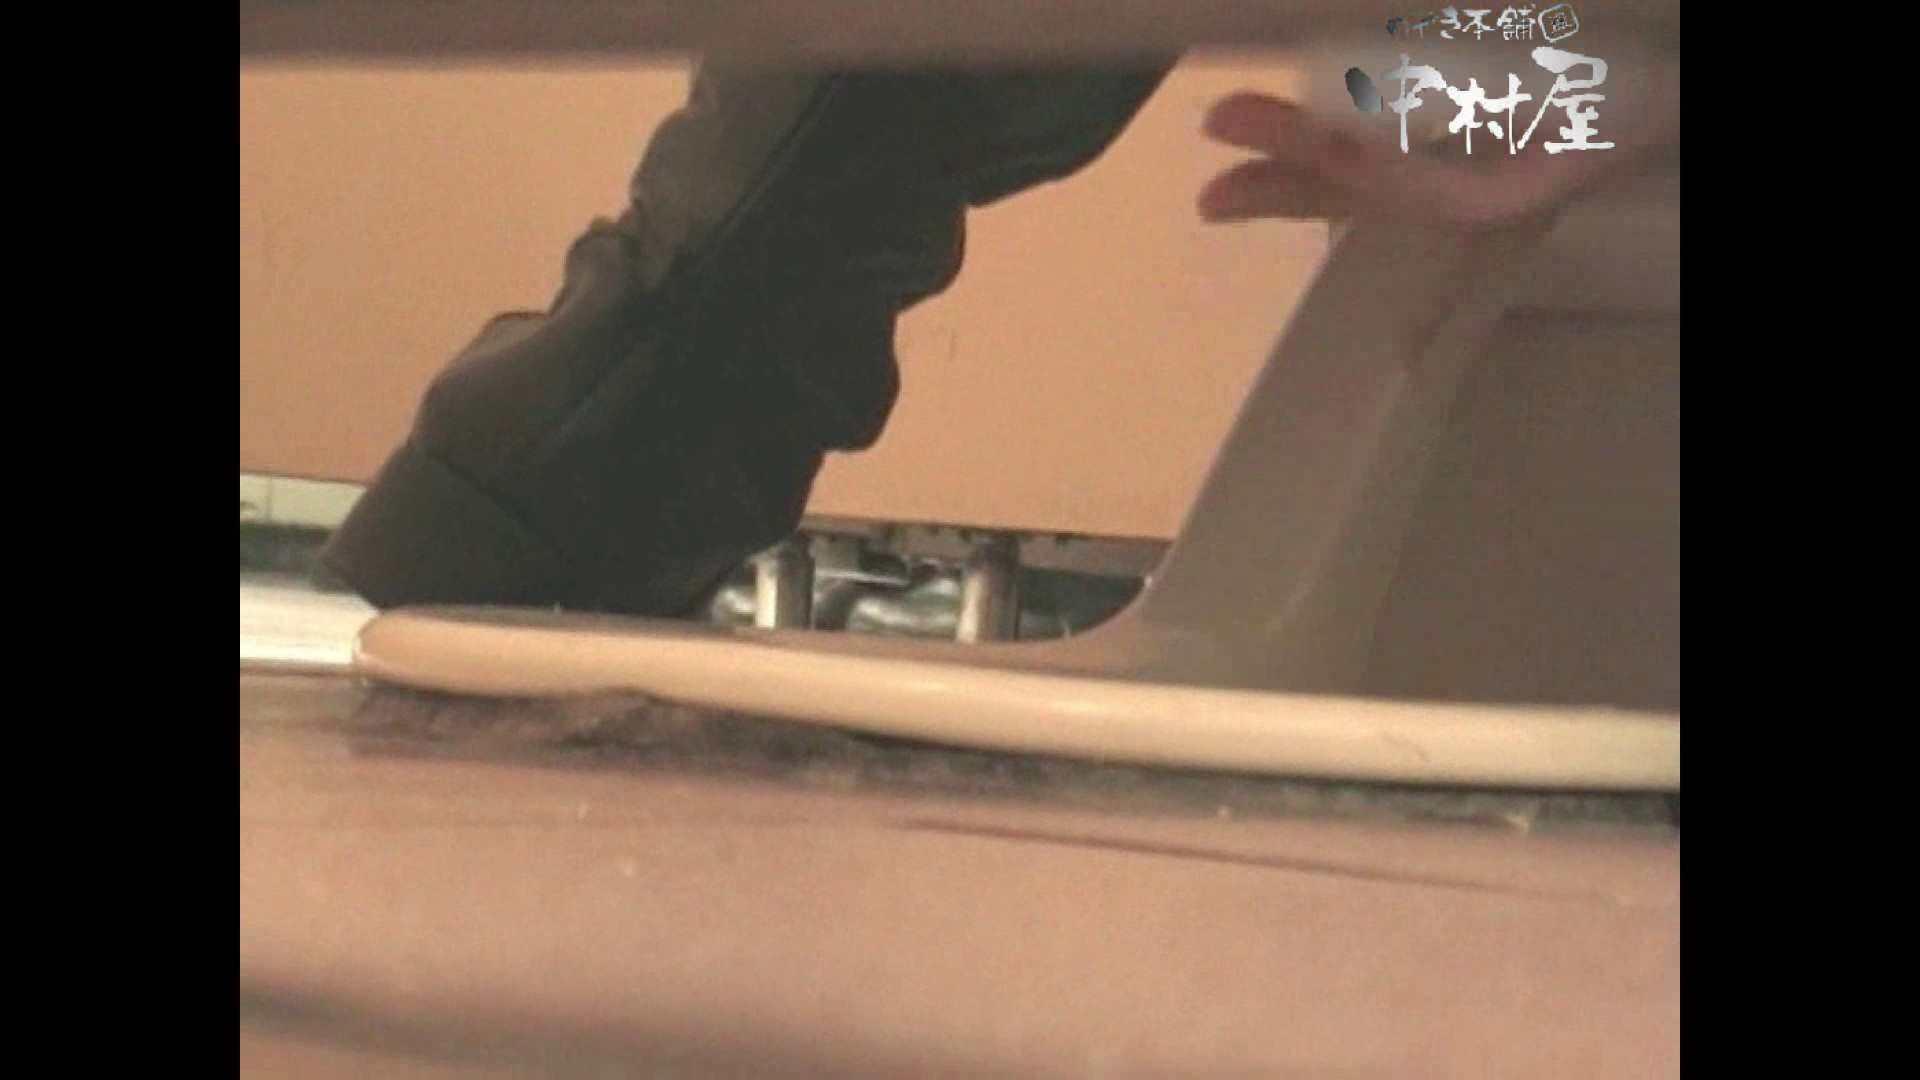 岩手県在住盗撮師盗撮記録vol.03 OLセックス 覗きぱこり動画紹介 99画像 86